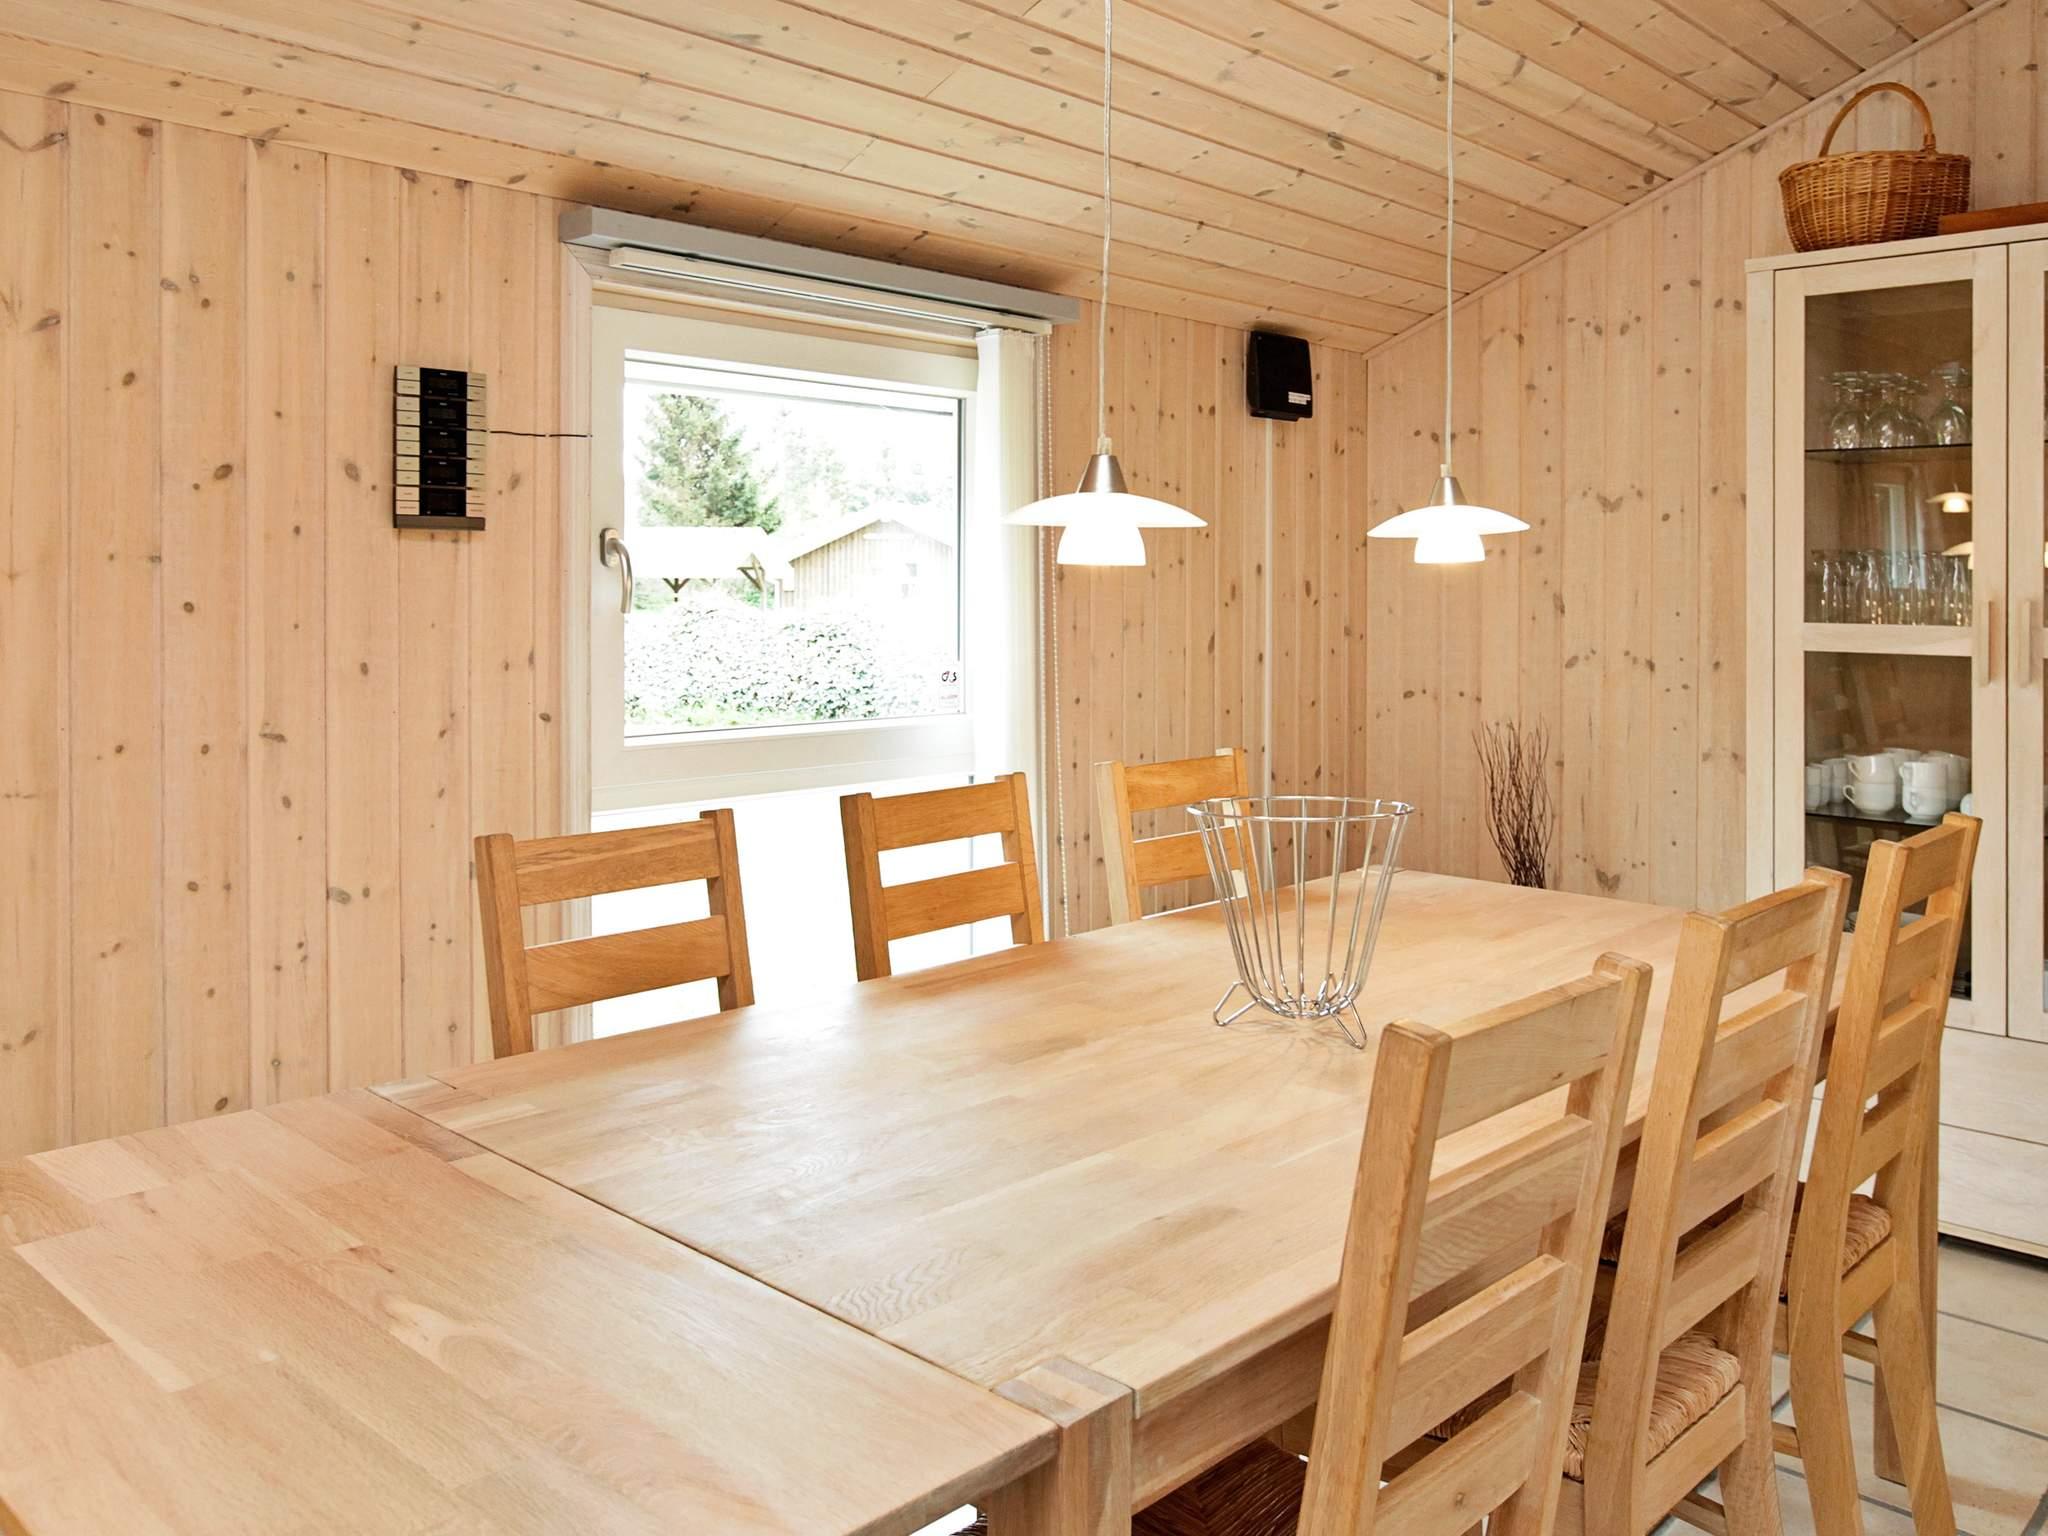 Ferienhaus Jegum (921203), Jegum, , Westjütland, Dänemark, Bild 3